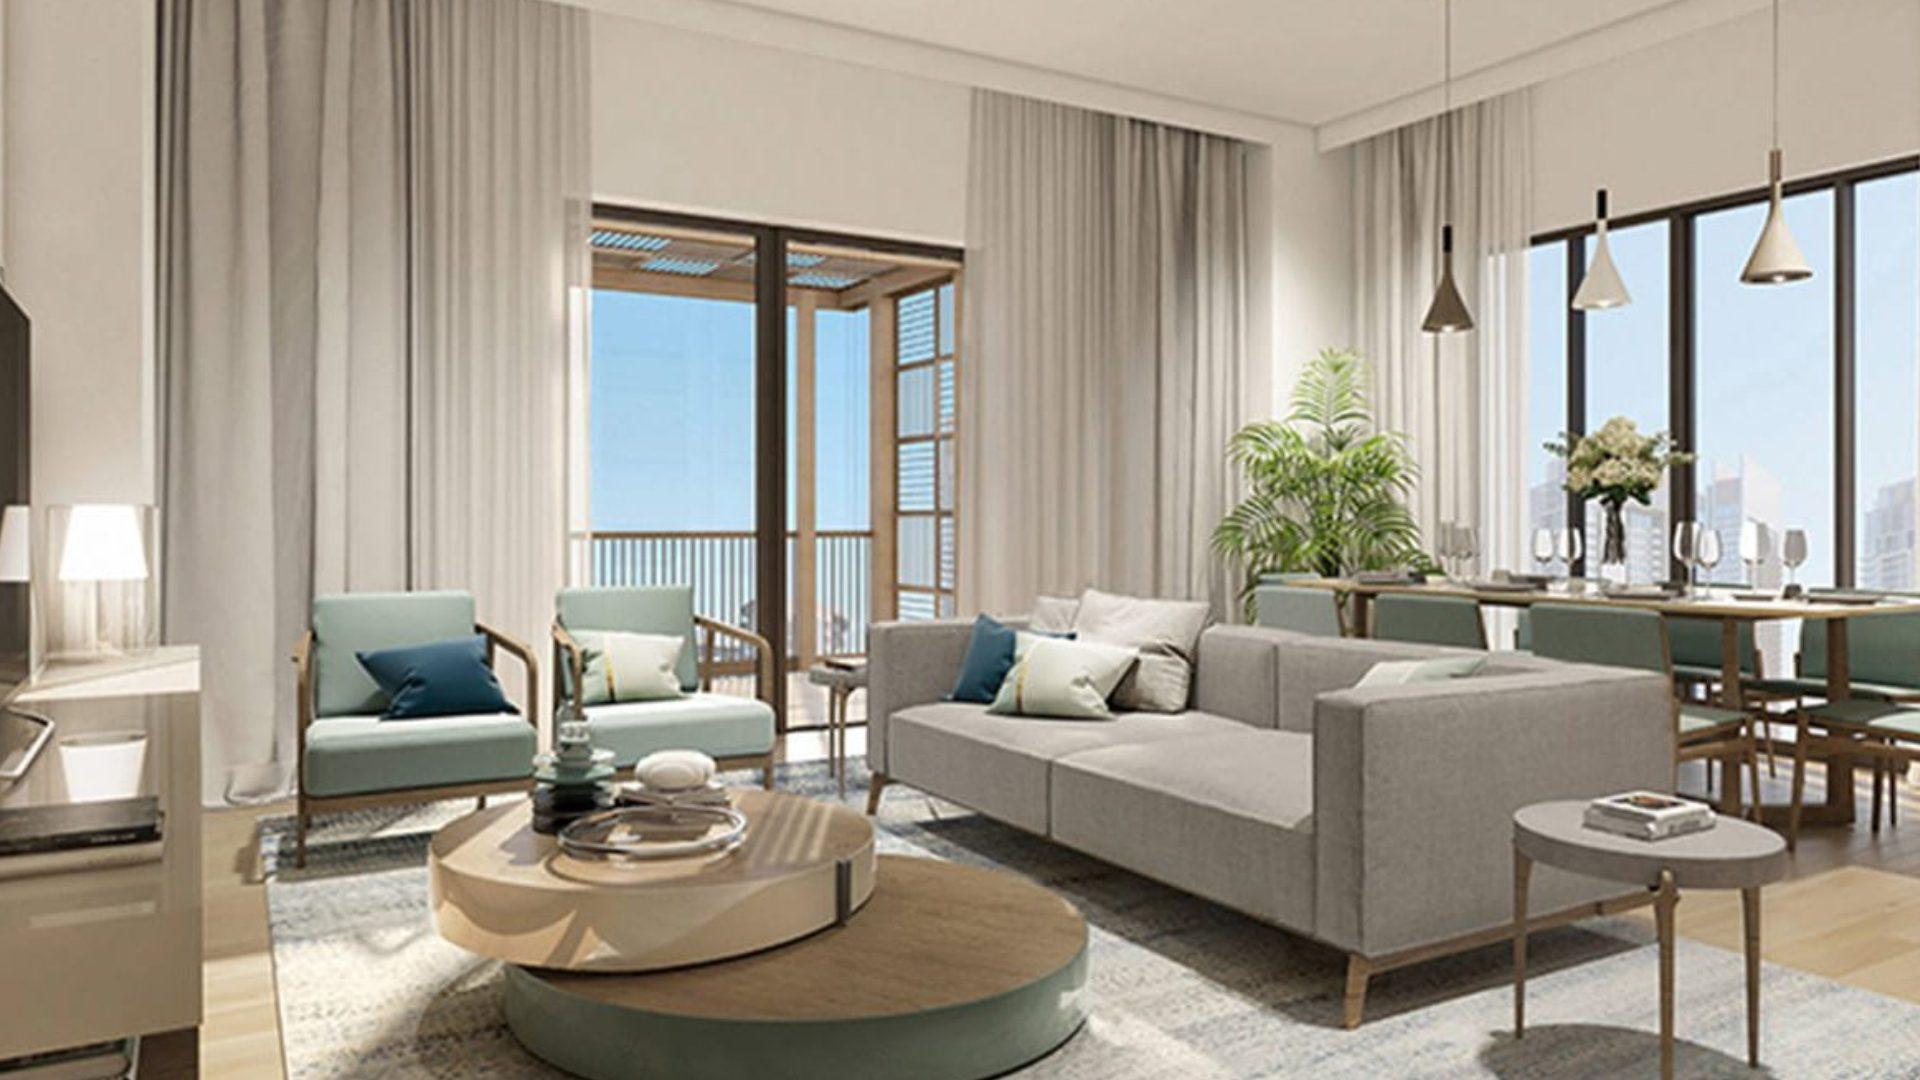 Apartamento en venta en Dubai, EAU, 3 dormitorios, 147 m2, № 24623 – foto 1